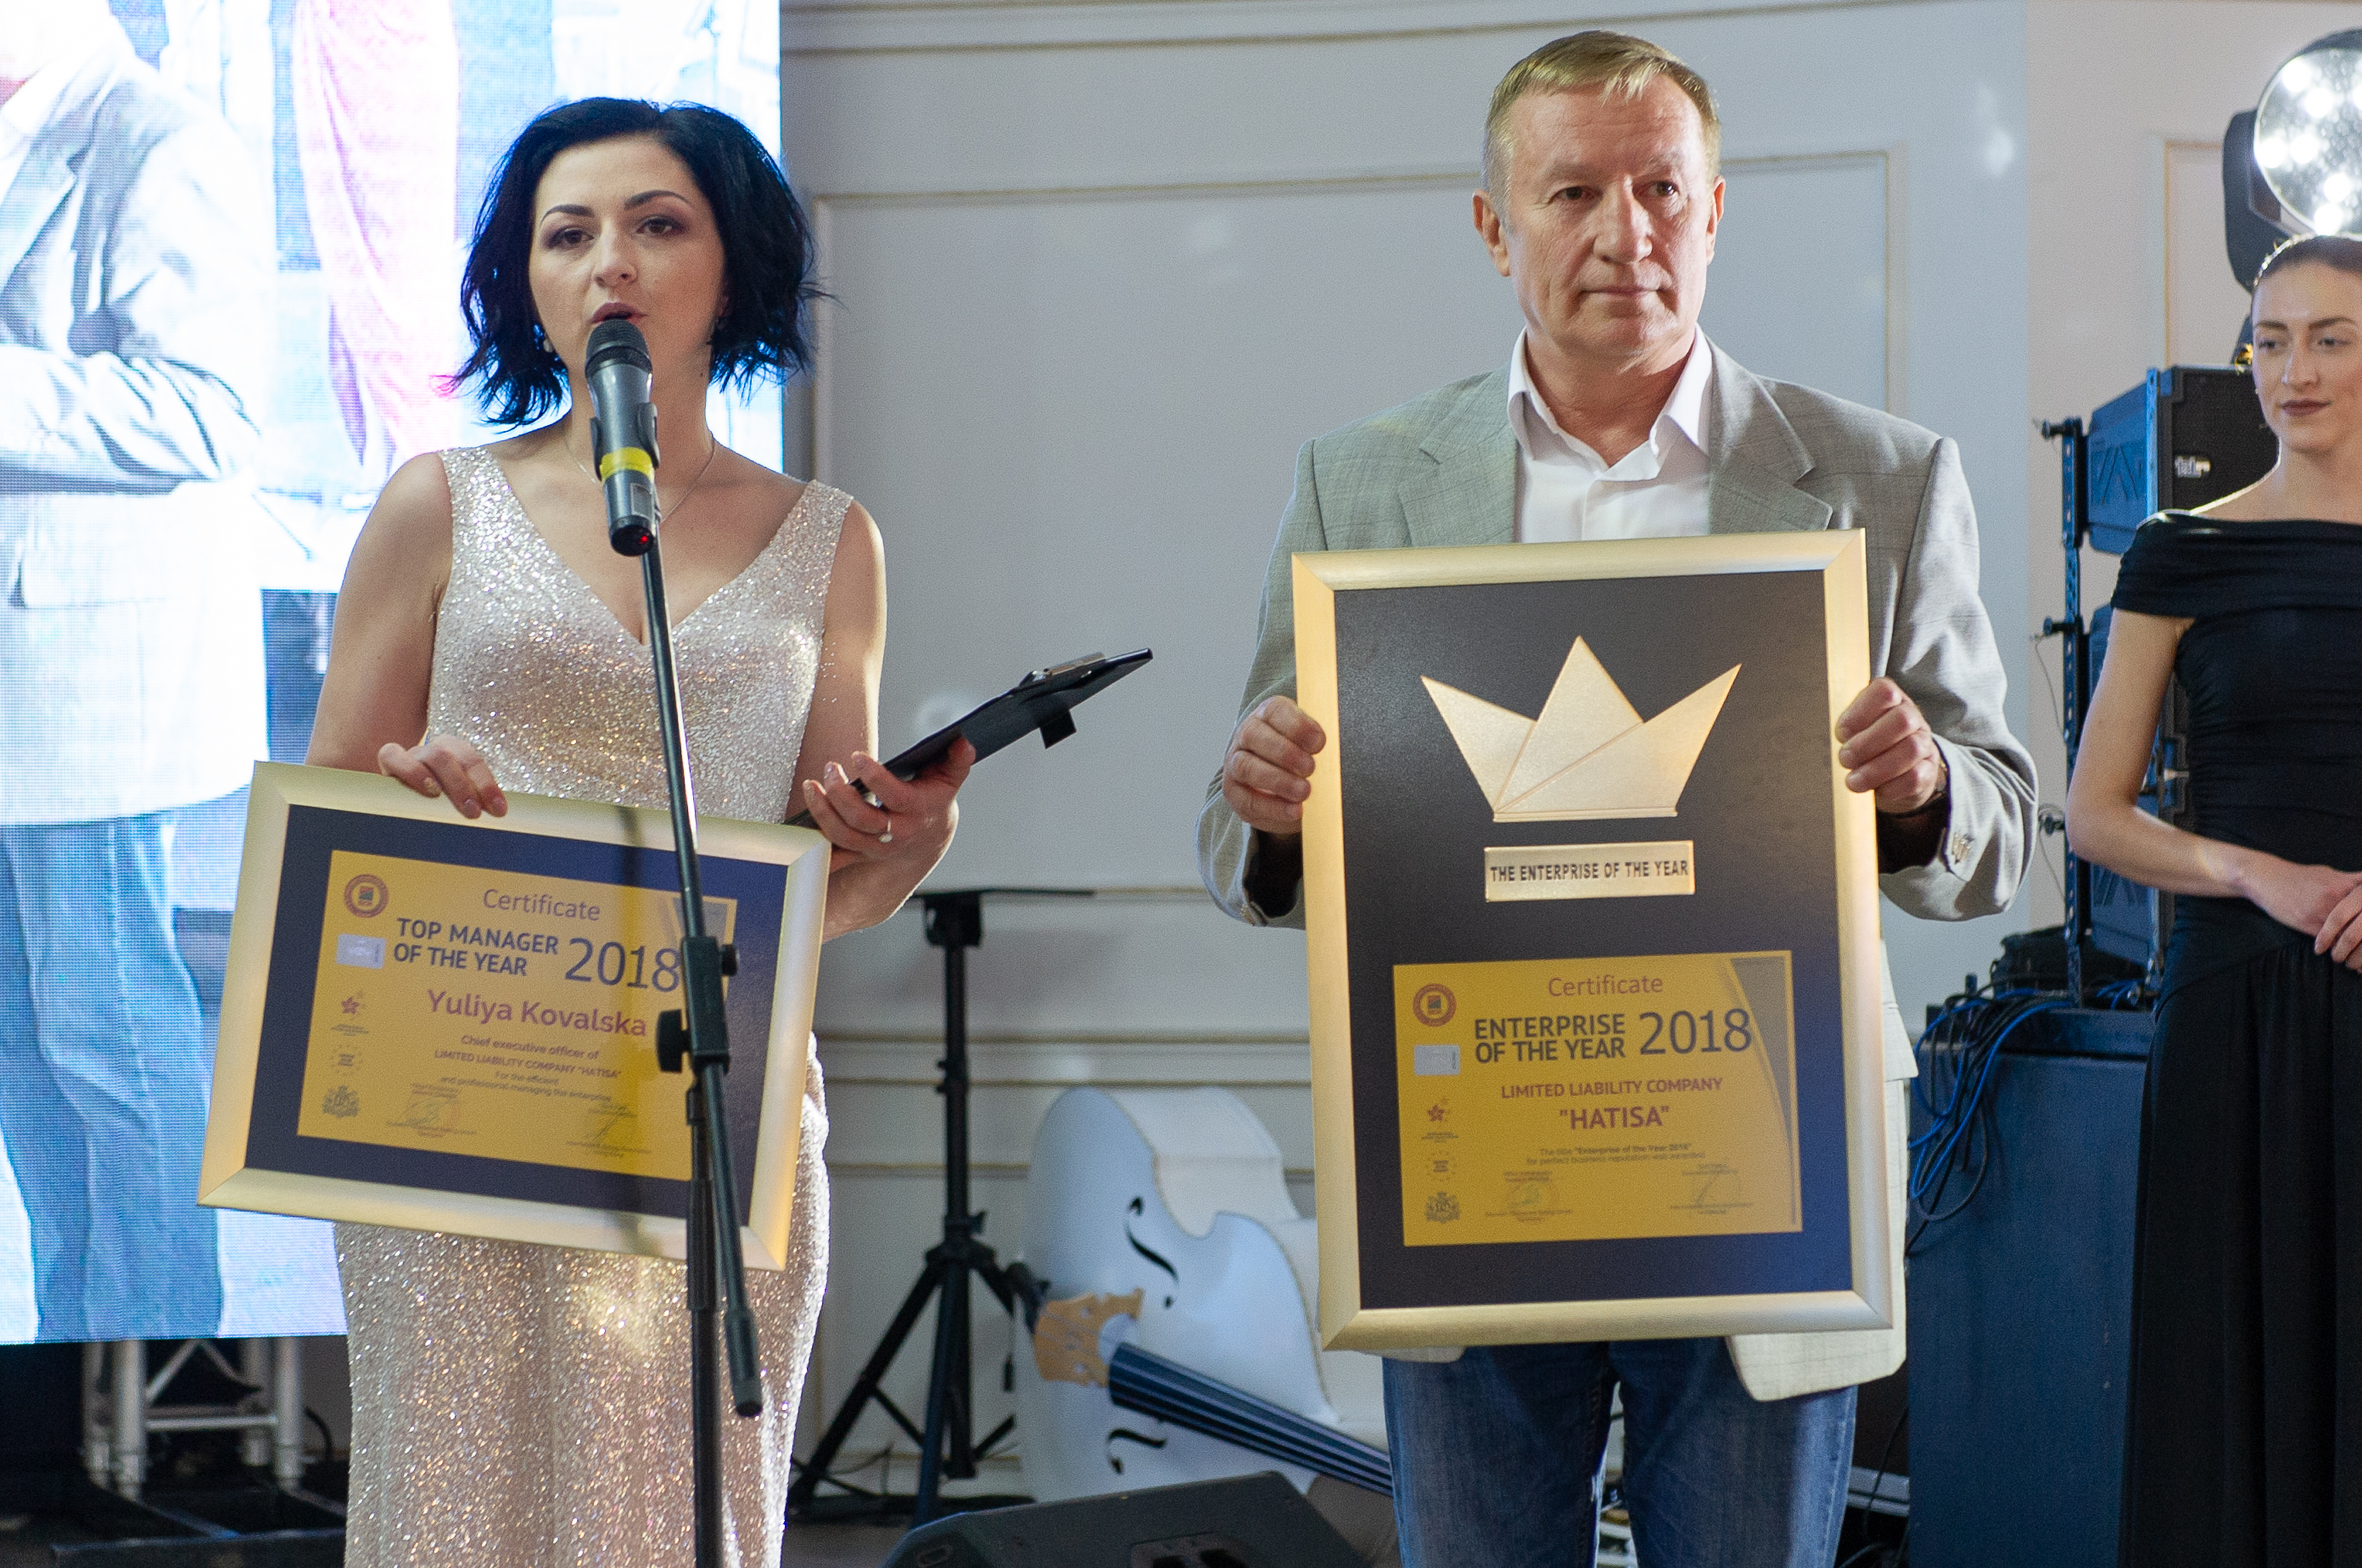 Святкування 10-ої річниці Групи Компаній «Хатіса» з урочистим нагородженням!